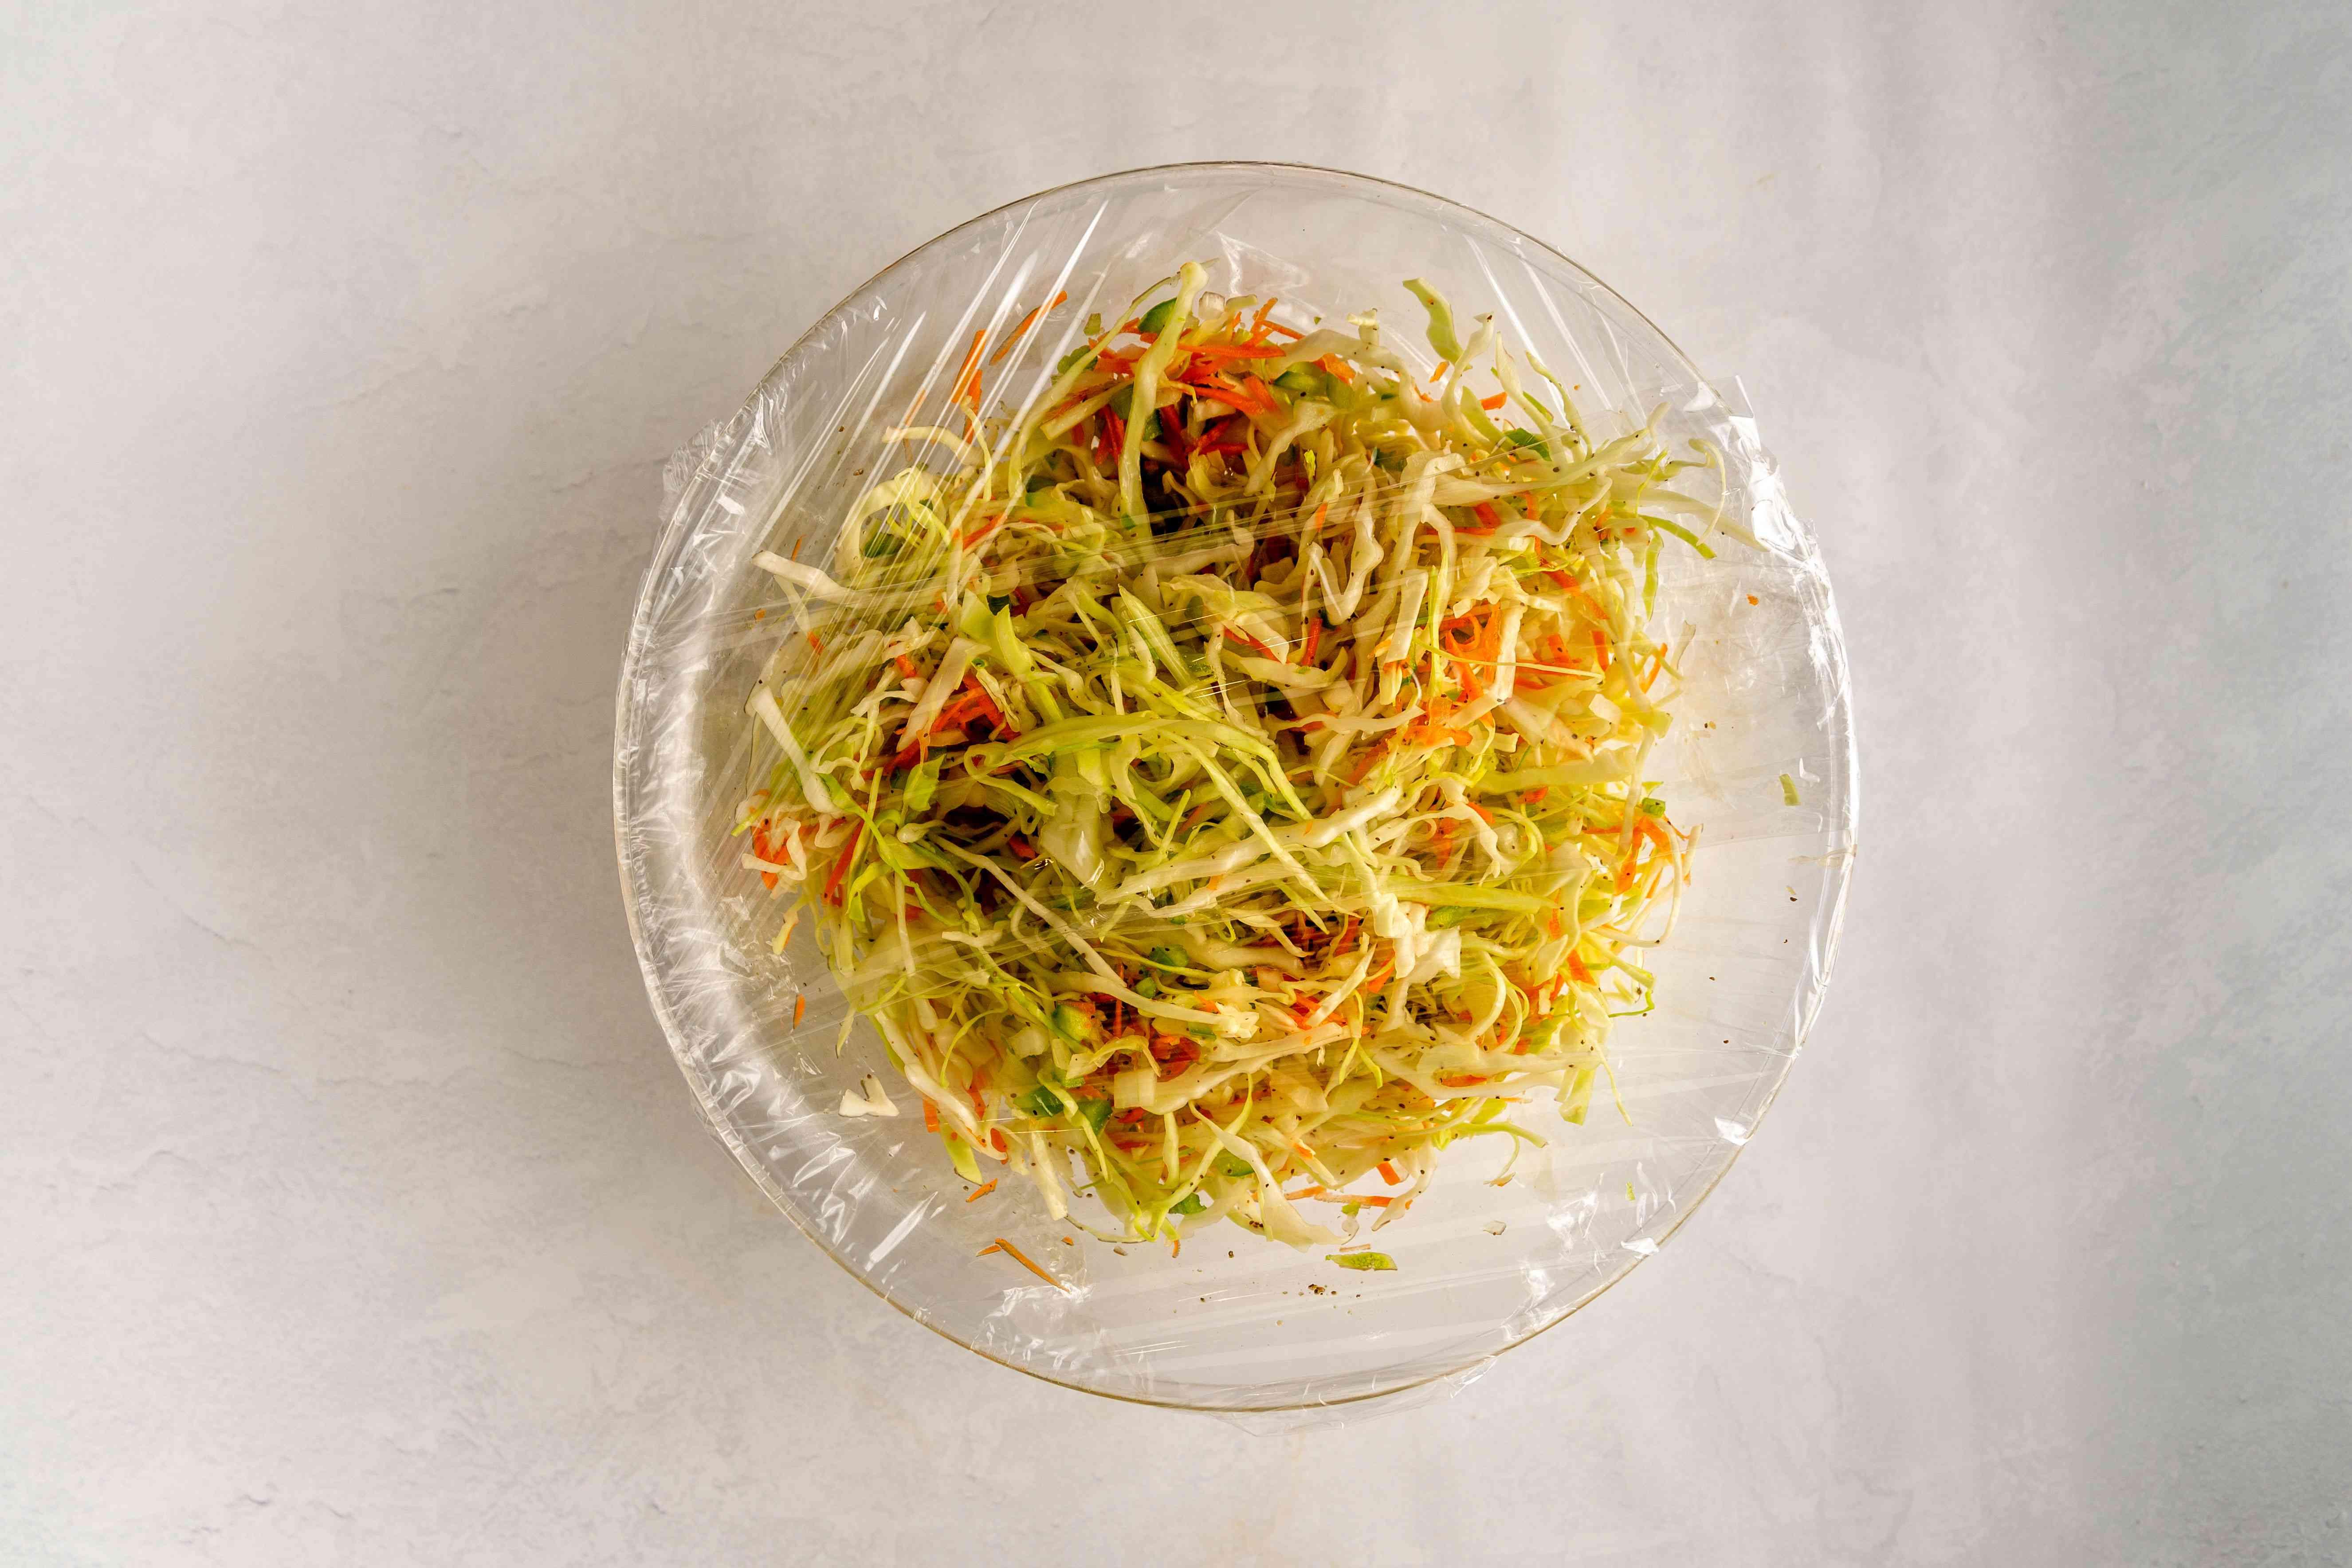 Refridgerate coleslaw